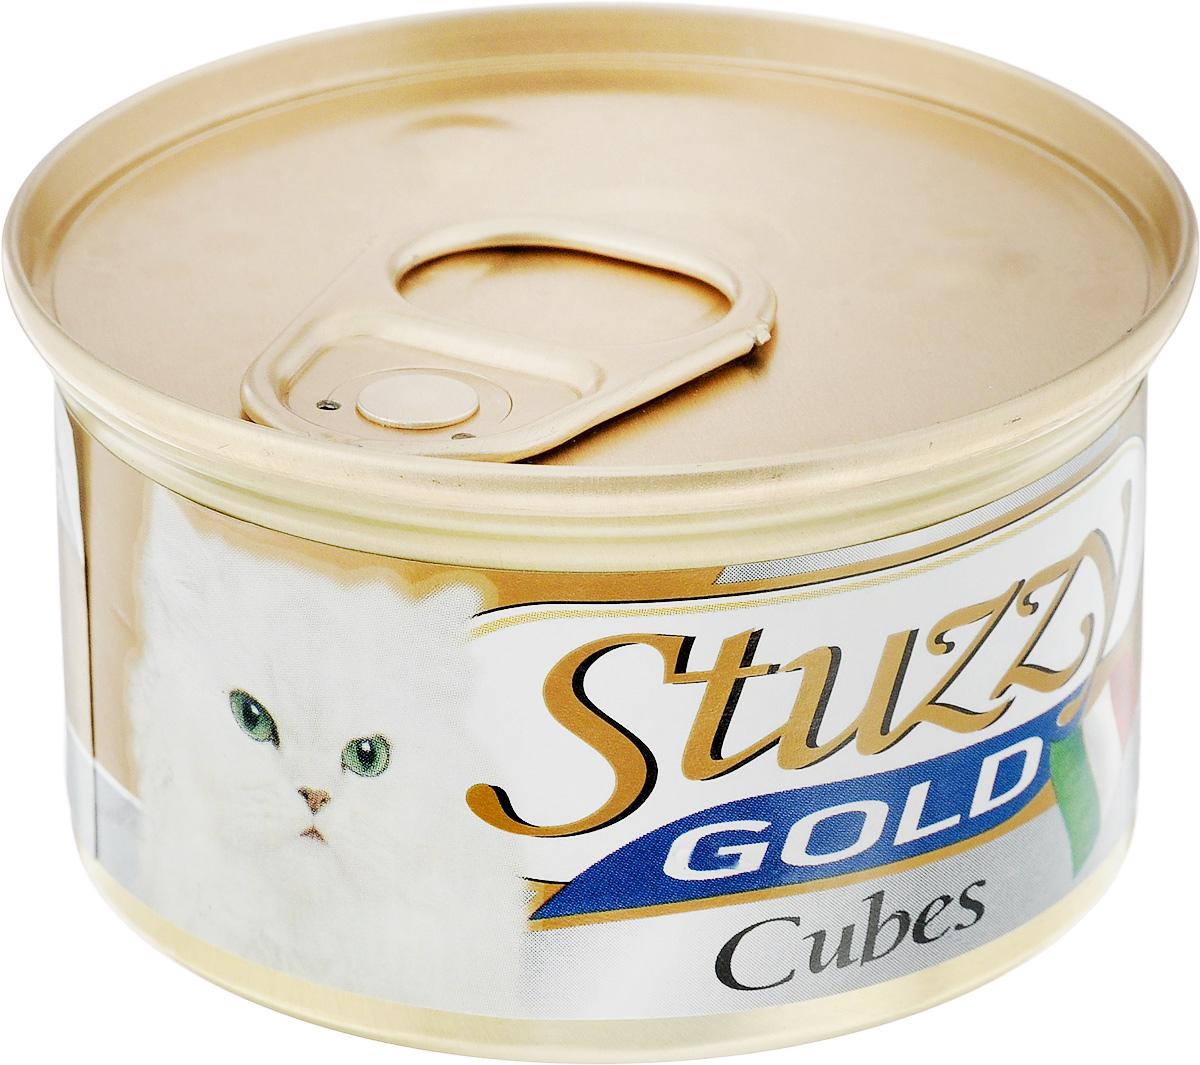 Консервы для взрослых кошек Stuzzy Gold, индейка, 85 г. 132.C435130.4.044Консервы для кошек Stuzzy Gold - это дополнительный рацион для взрослых кошек. Корм обогащен таурином и витамином Е для поддержания правильной работы сердца и иммунной системы. Инулин обеспечивает всасывание питательных веществ, а биотин способствуют великолепному внешнему виду кожи и шерсти. Корм приготовлен на пару, не содержит красителей и консервантов. Состав: мясо и мясные субпродукты 45% (из них индейка 13%).Питательная ценность: белок 9%, жир 5,5%, клетчатка 0,1%, зола 2%, влажность 80%. Питательные добавки (на кг): витамин А 1177 МЕ, витамин D3 700 МЕ, витамин Е 40 мг, таурин 300 мг, железо 63,14 мг, цинк 40,8 мг, медь 2,32 мг, марганец 3,25 мг, селен 0,155 мг, йод 0,76 мг. Товар сертифицирован.